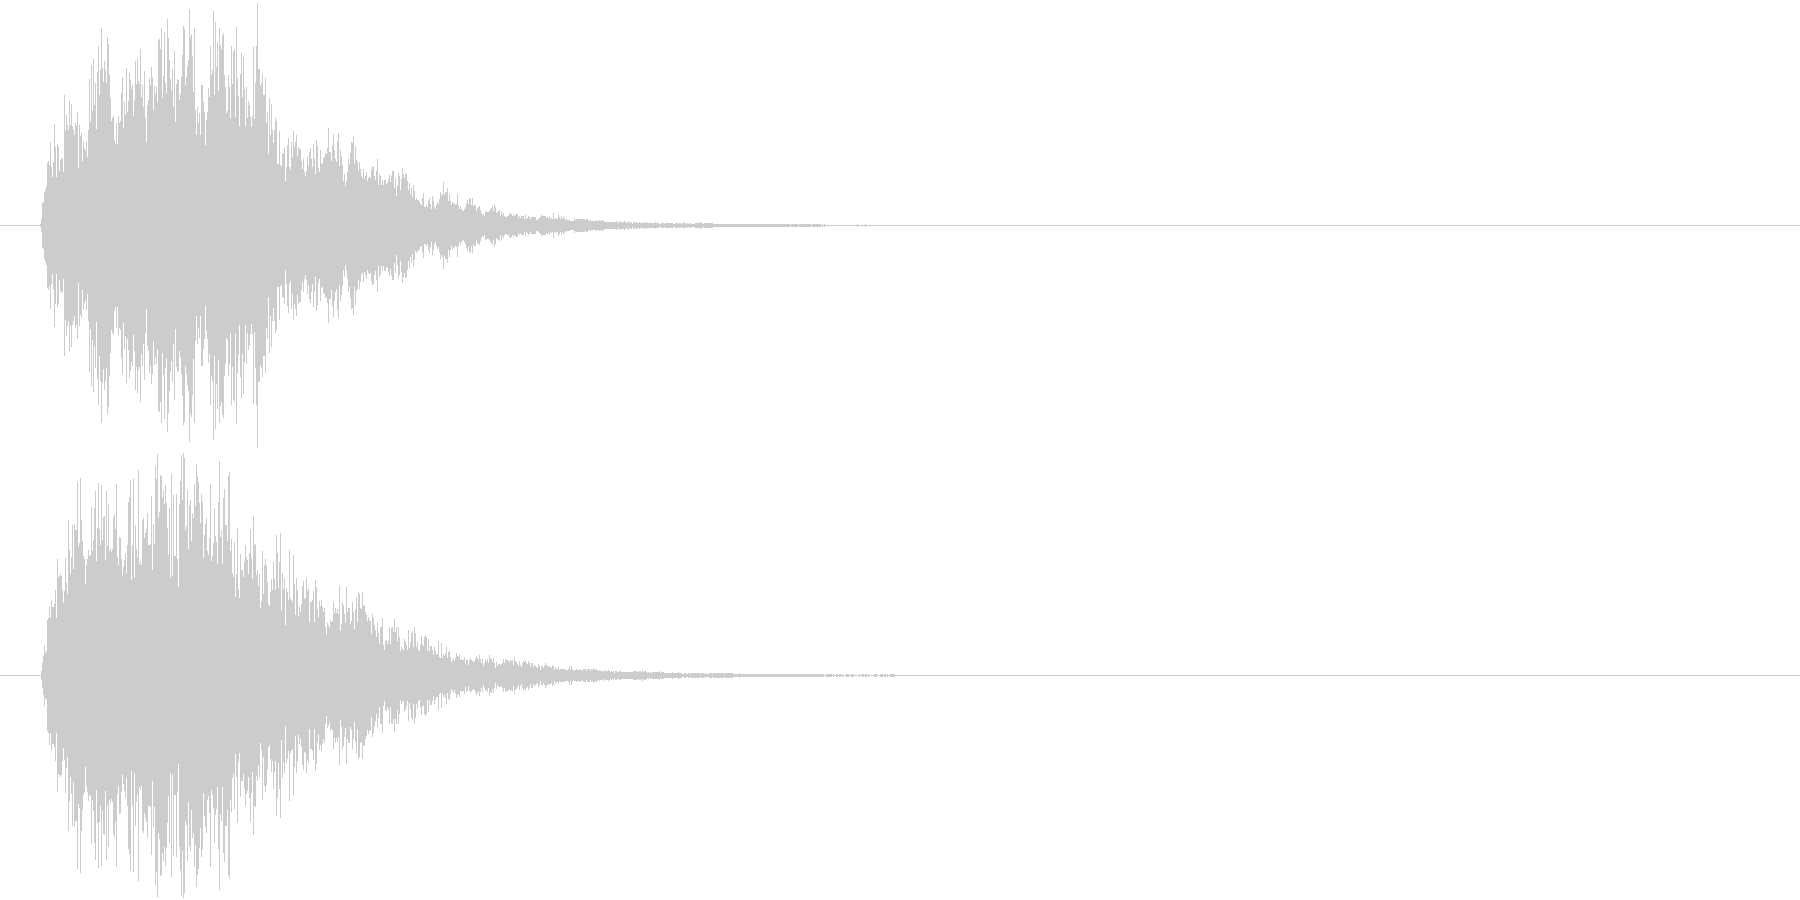 ポワン(HP回復・光魔法・輝く・癒し)の未再生の波形